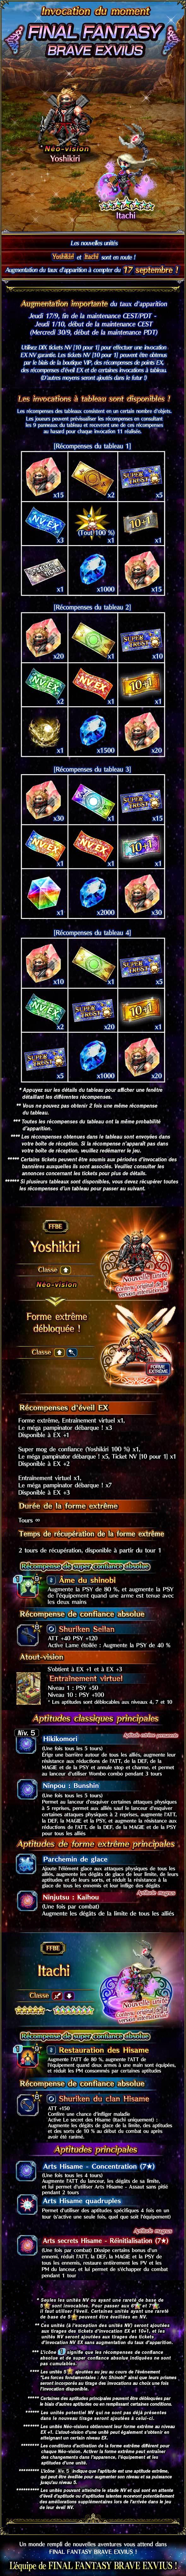 Invocations du moment, Quête d'introduction d'unité et Nouvel arrivage VC - FFBE (Yoshikiri/Itachi) - du 17/09 au 01/10/20 20200915NVYoshikiriFeaturedSummon